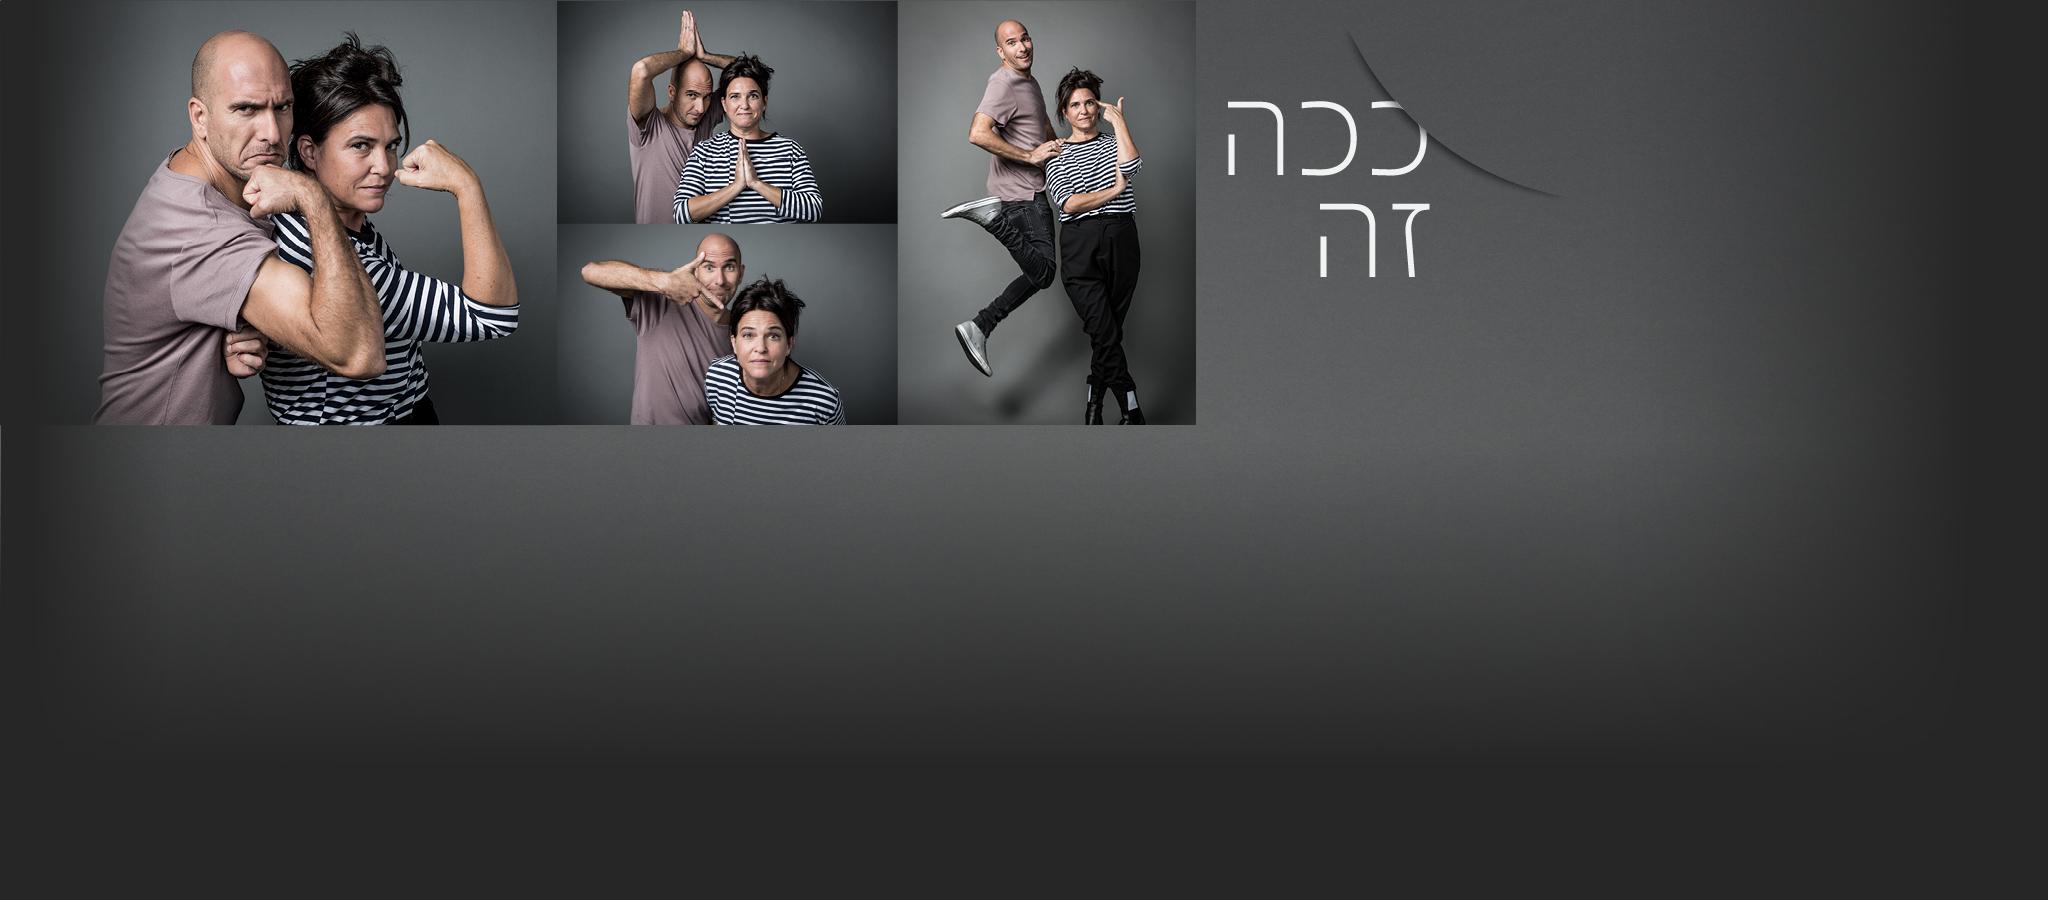 ככה זה – סדרה חדשה מאת ובכיכובם של דנה מודן ואסי כהן | yes